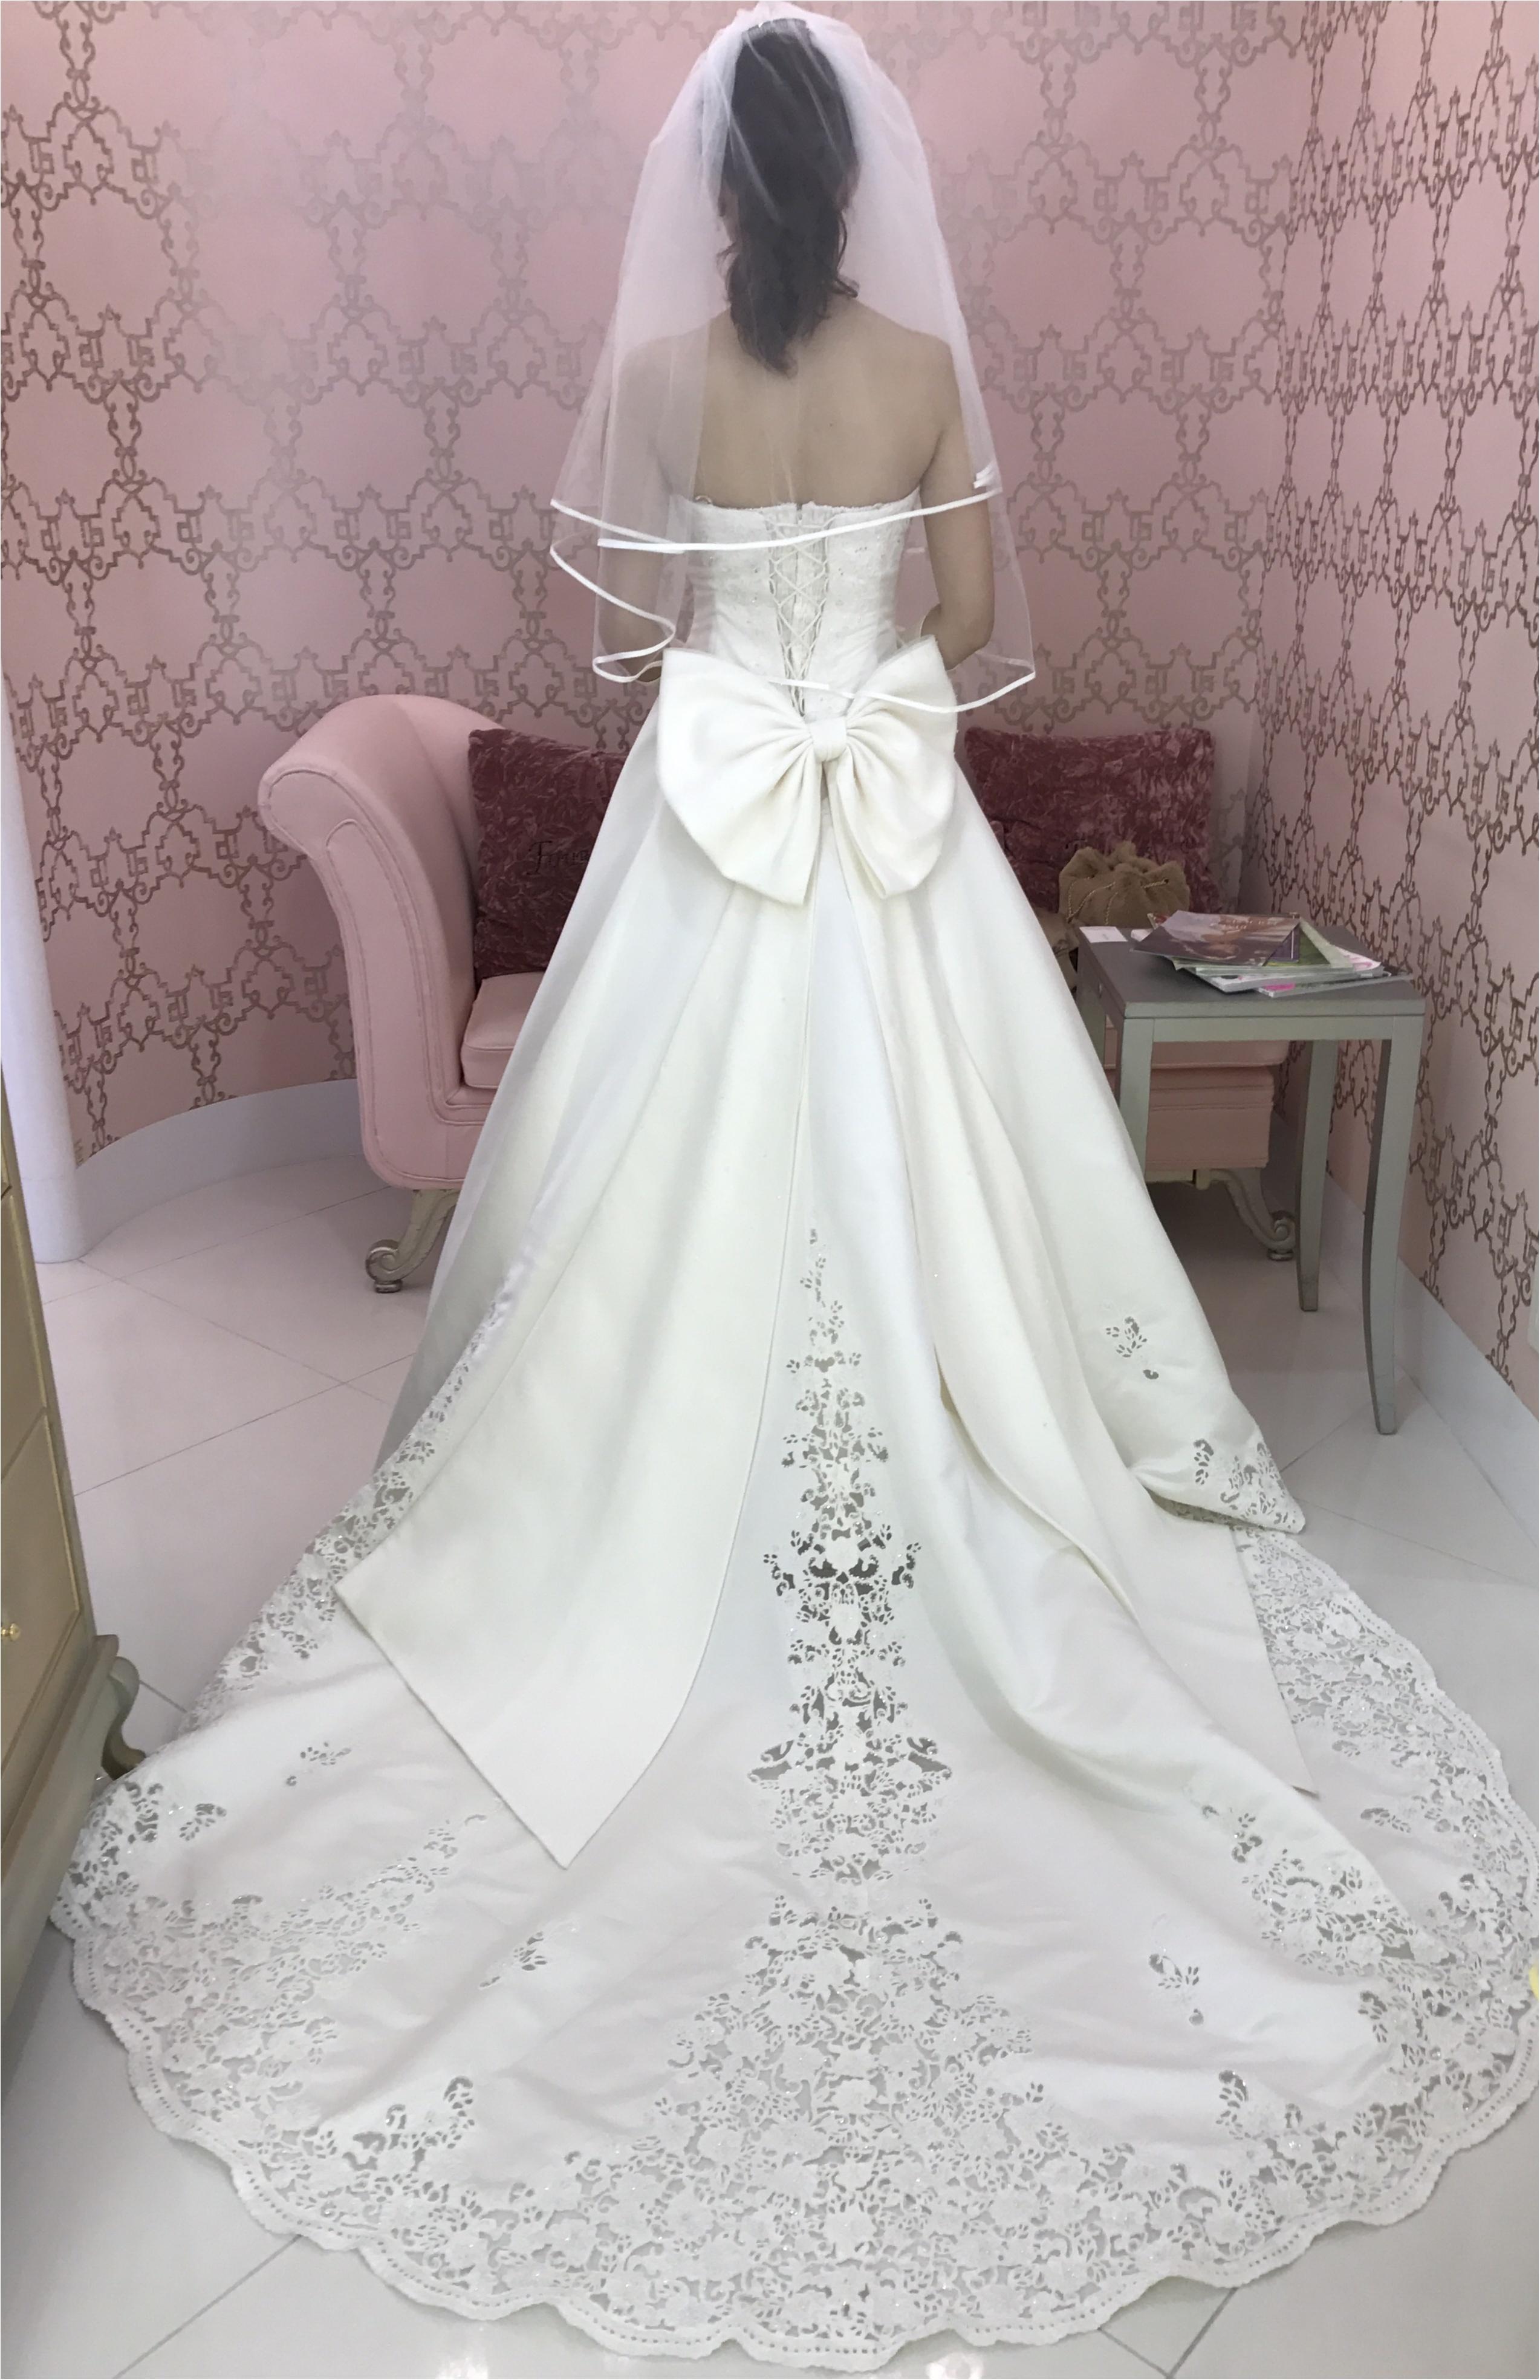 ドレス試着レポ♡4種のデザインで印象はかなり変わる!_2